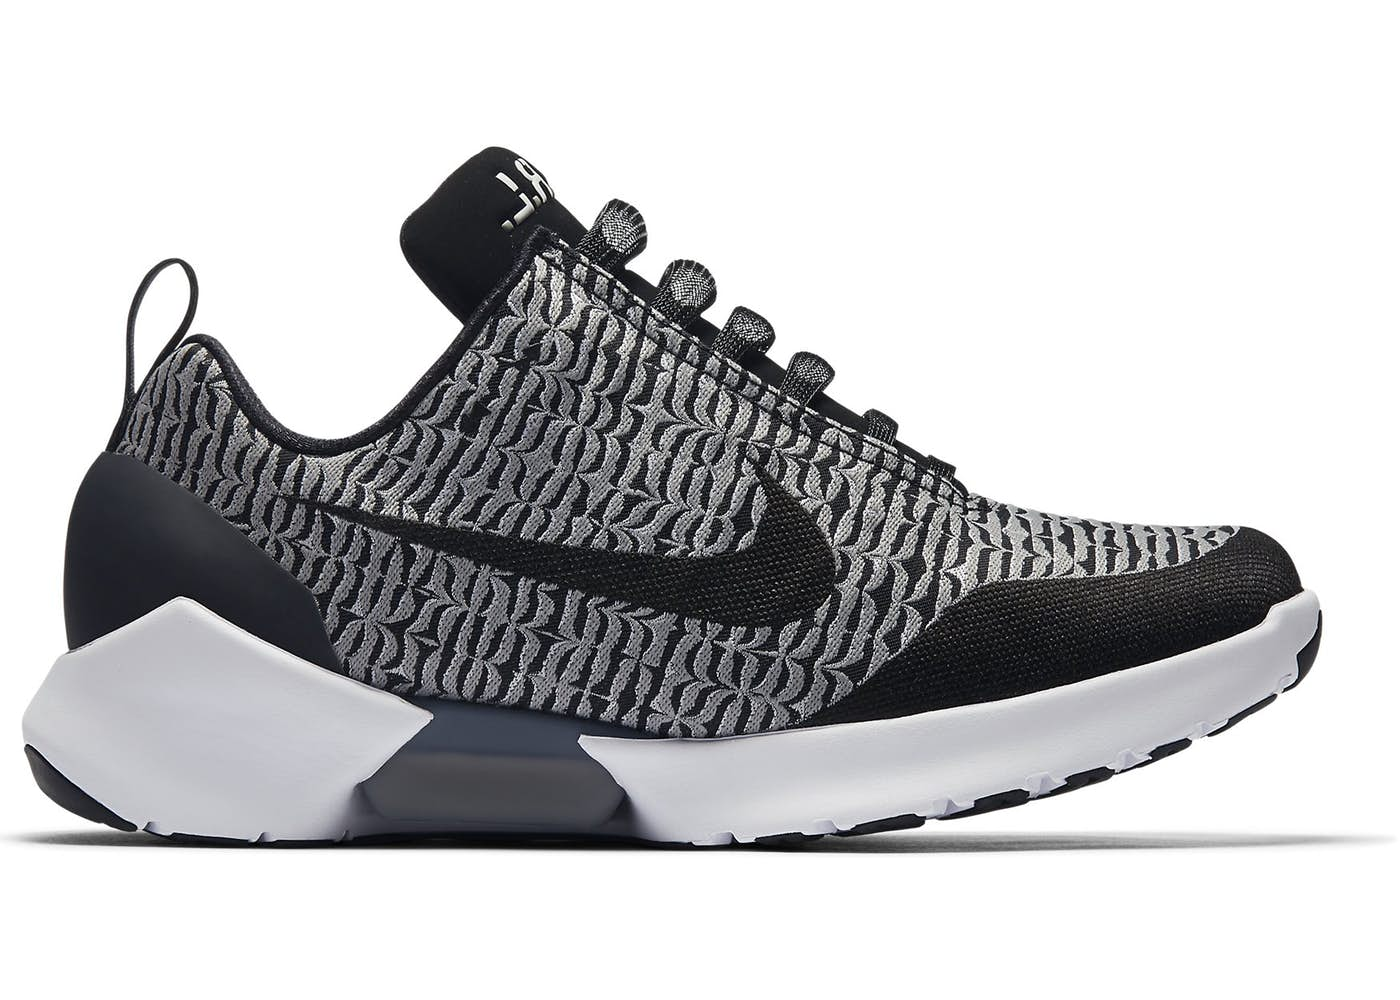 on sale e2ec5 07ee3 ... sneaker store e436b 9fe05 Nike HyperAdapt 1.0 Wolf Grey .. .. Nike  Cortez ...